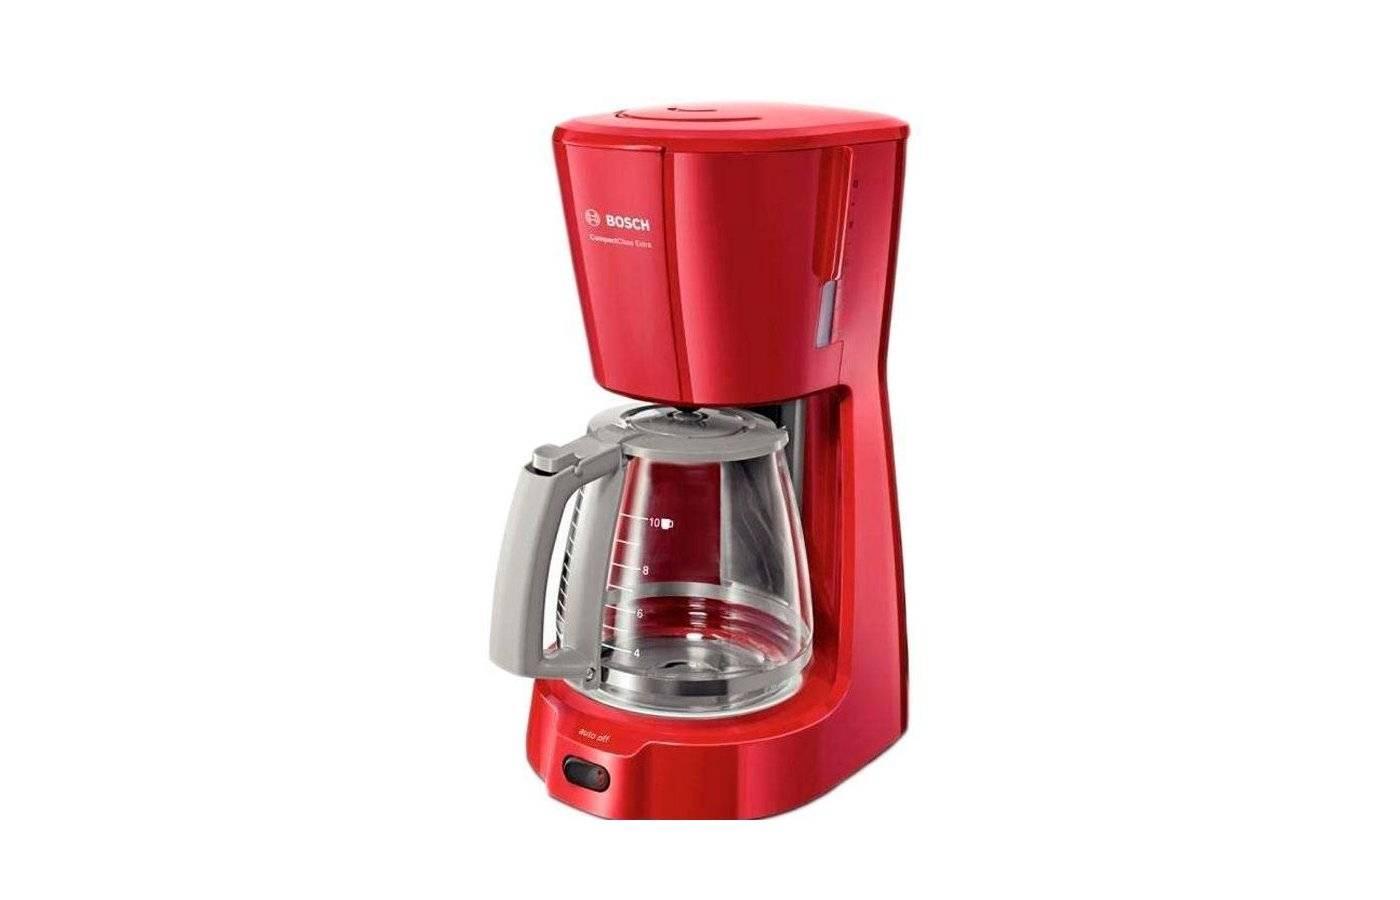 Кофемашина bosch tca 5309 отзывы, инструкция, видео-обзор